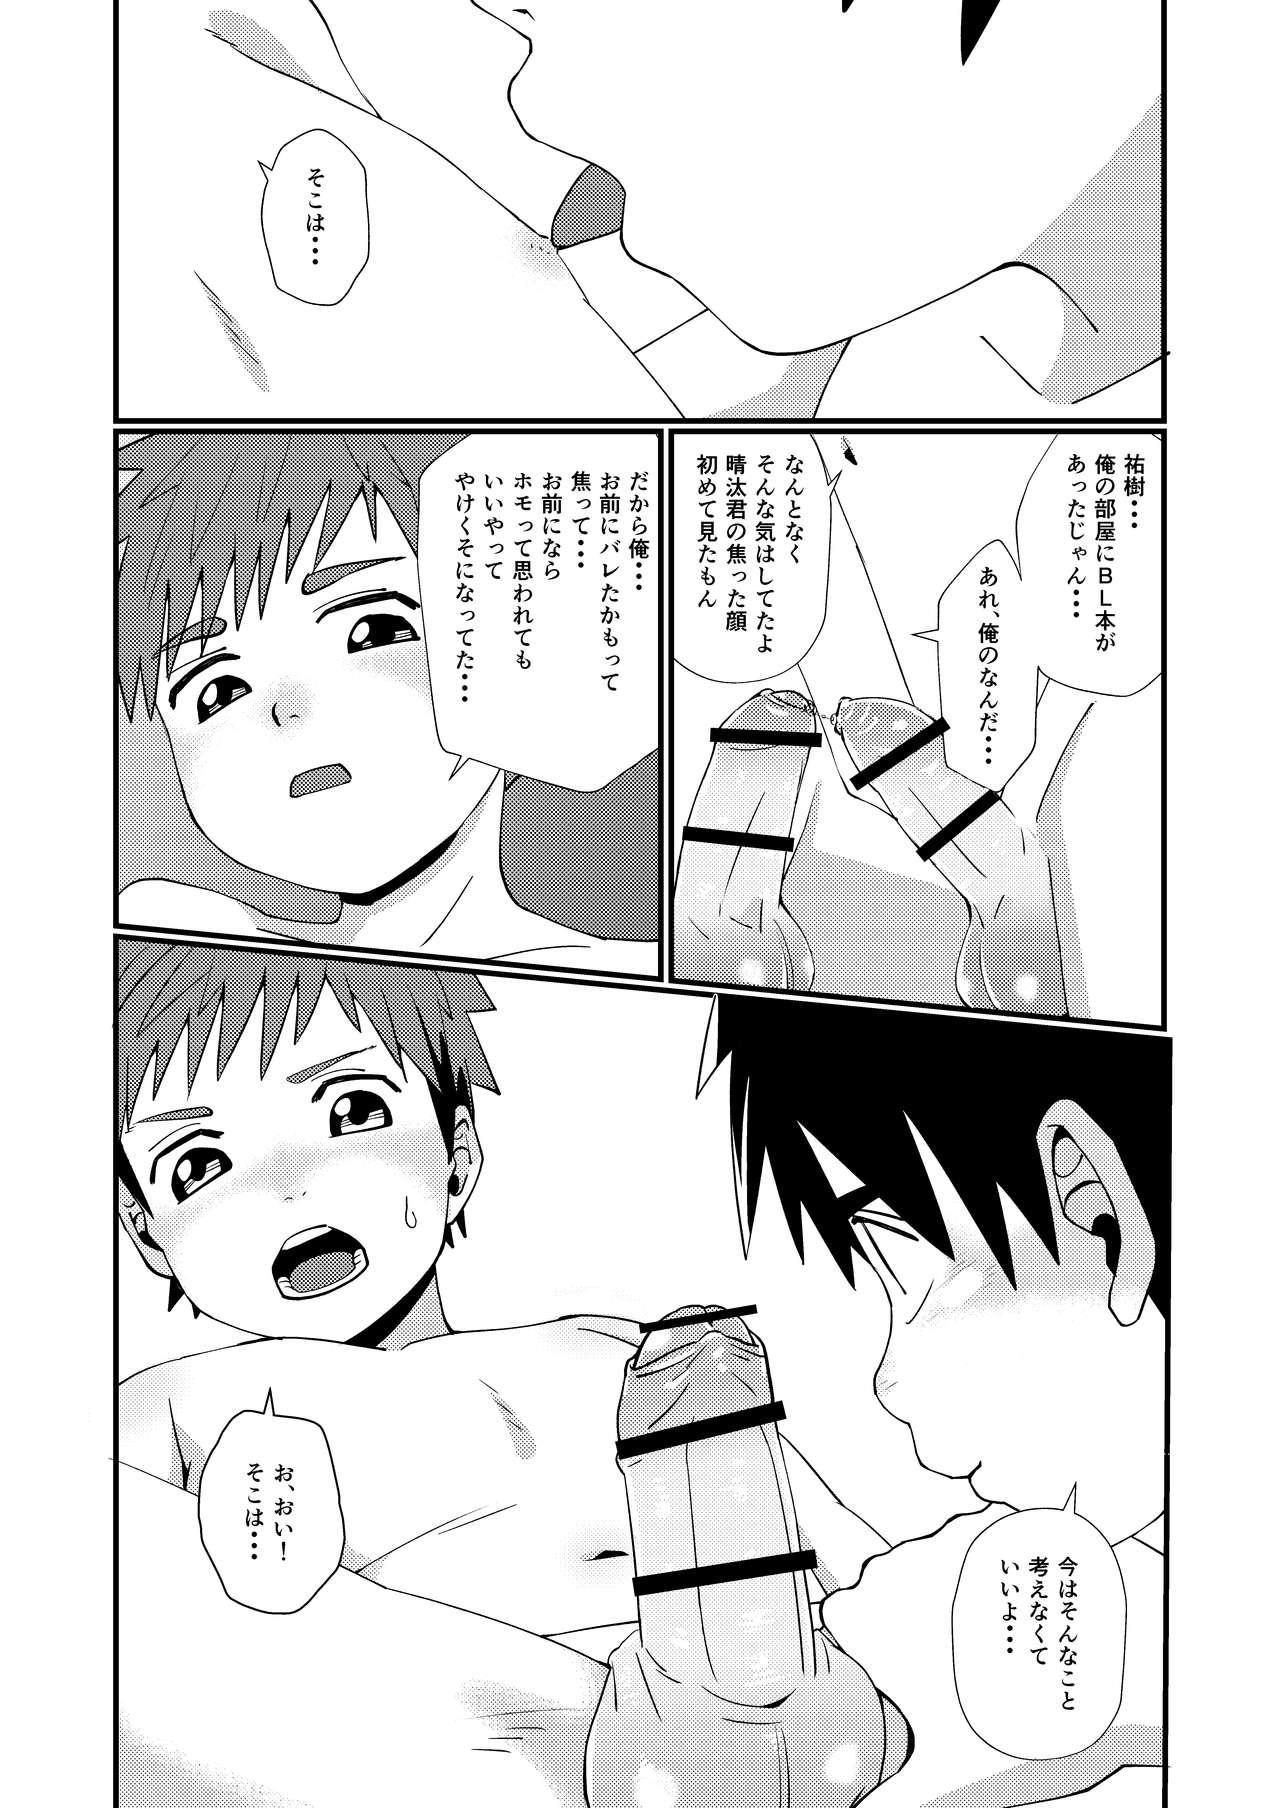 Doukyuusei to Otomari 23